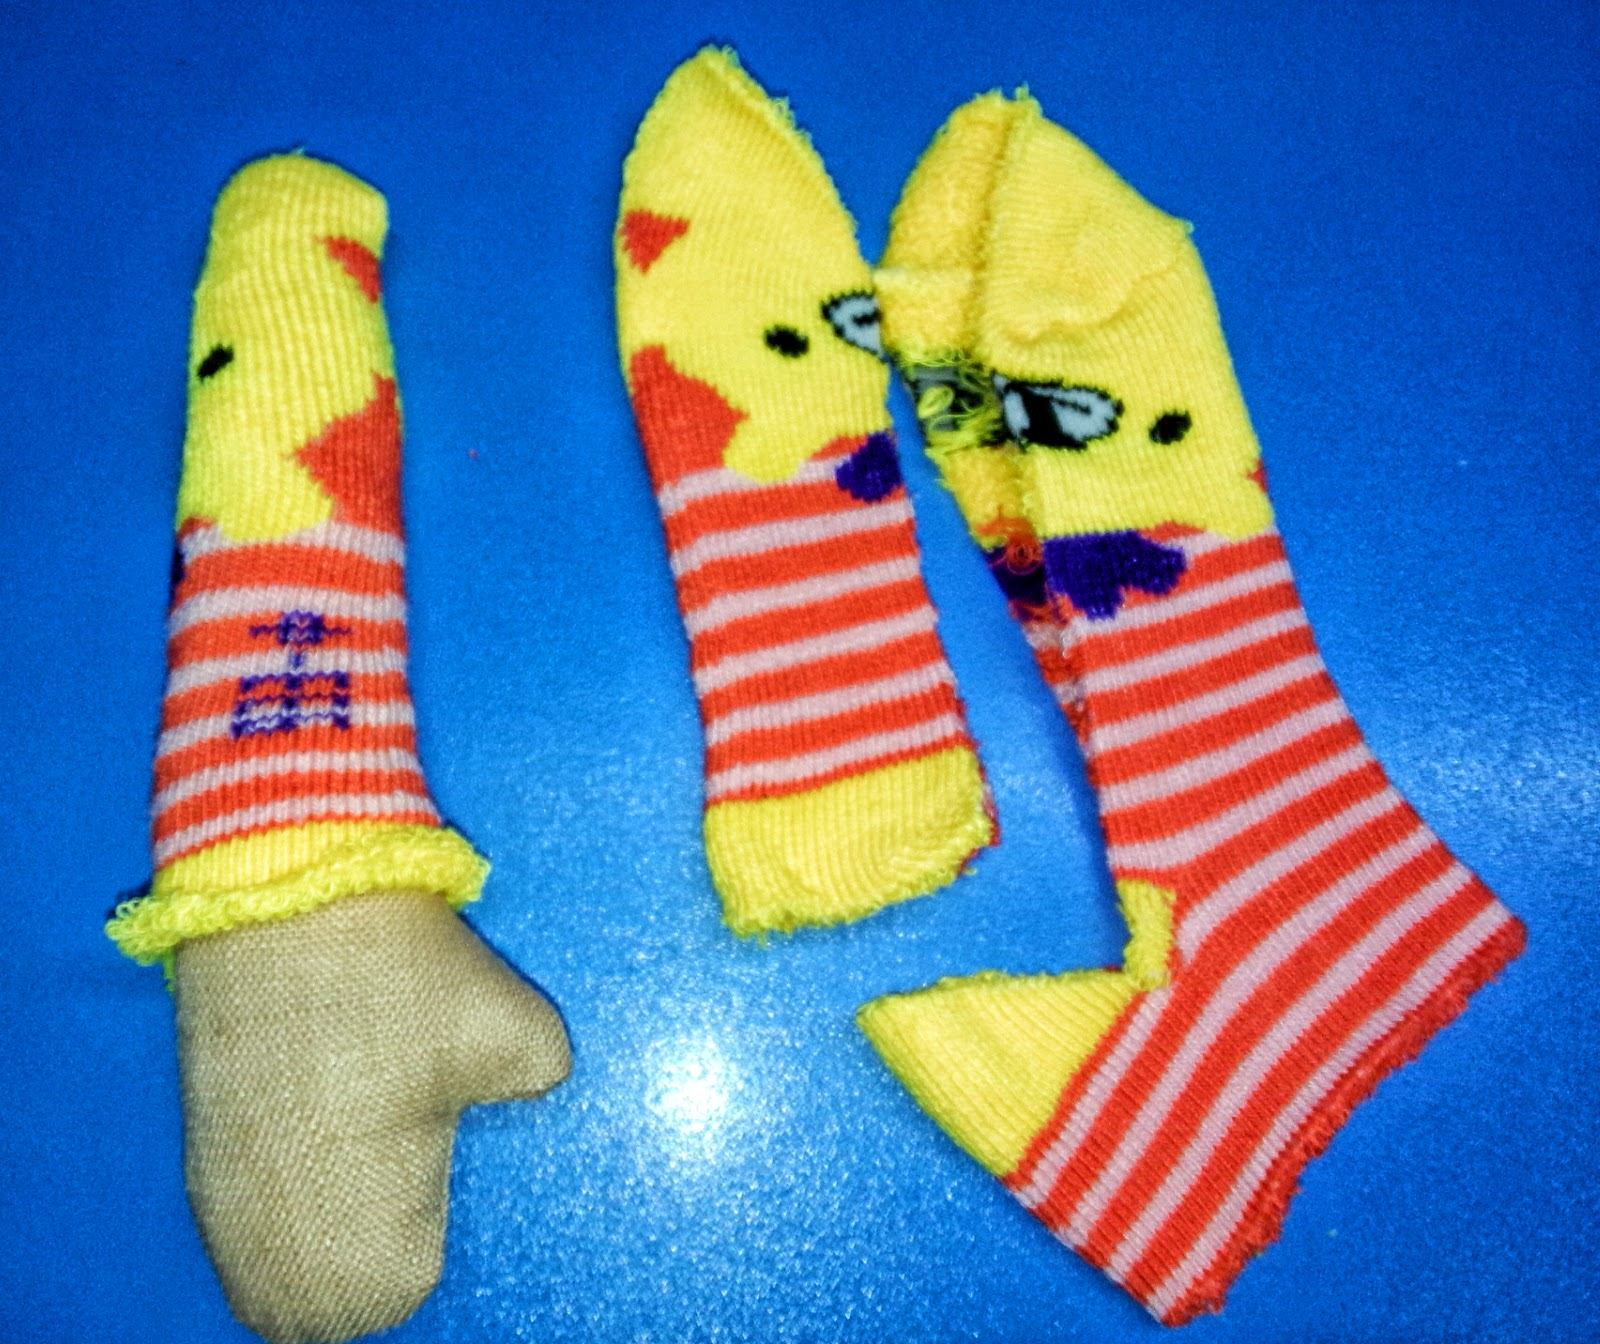 Куклы своими руками из носков, фото, инструкция 41